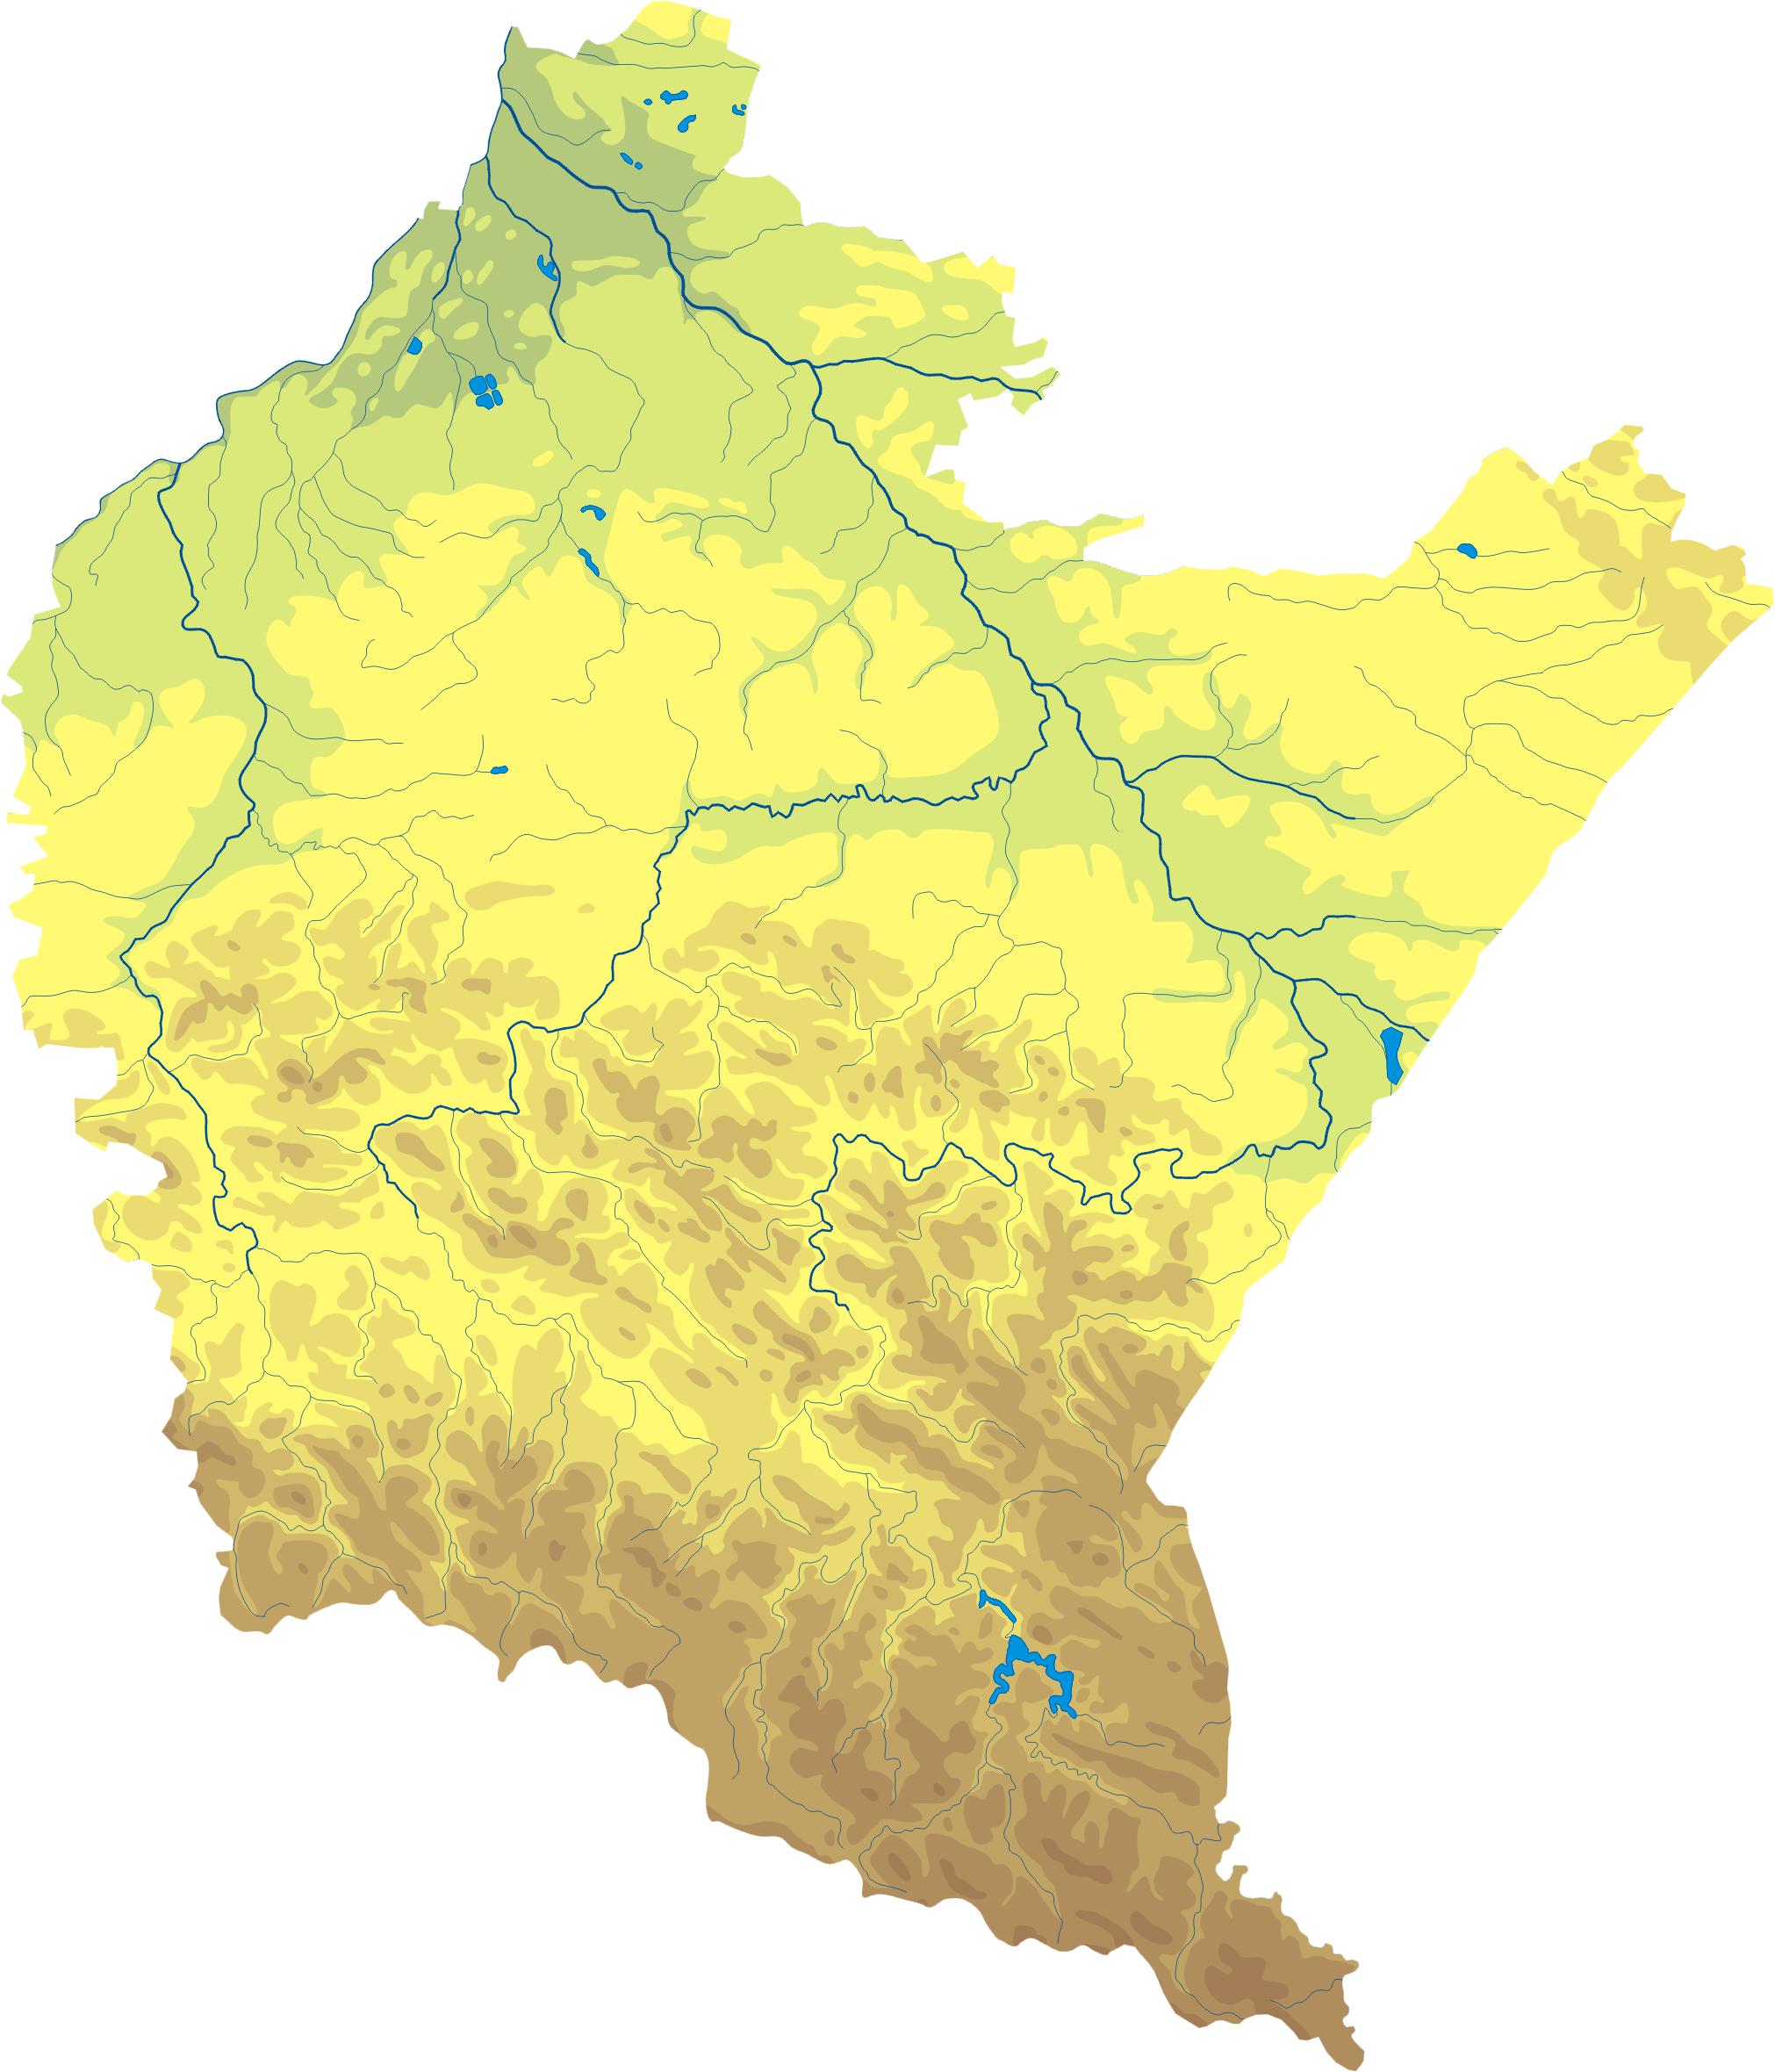 Файл:Podkarpackie mapa fizyczna.png